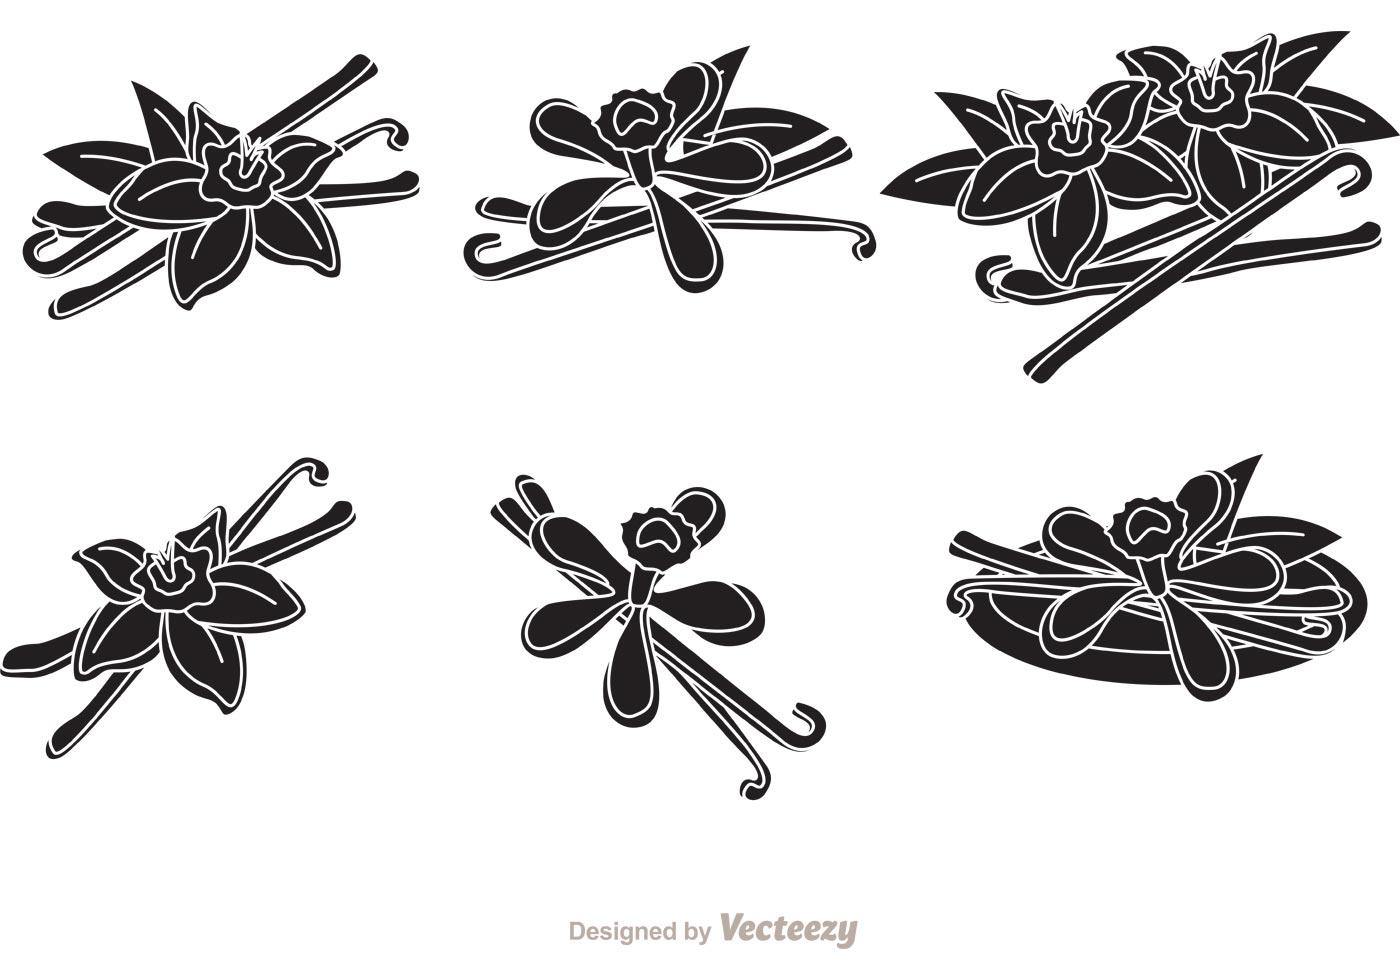 Vanilla Flower Silhouette Vectors Download Free Vector Art Stock Graphics